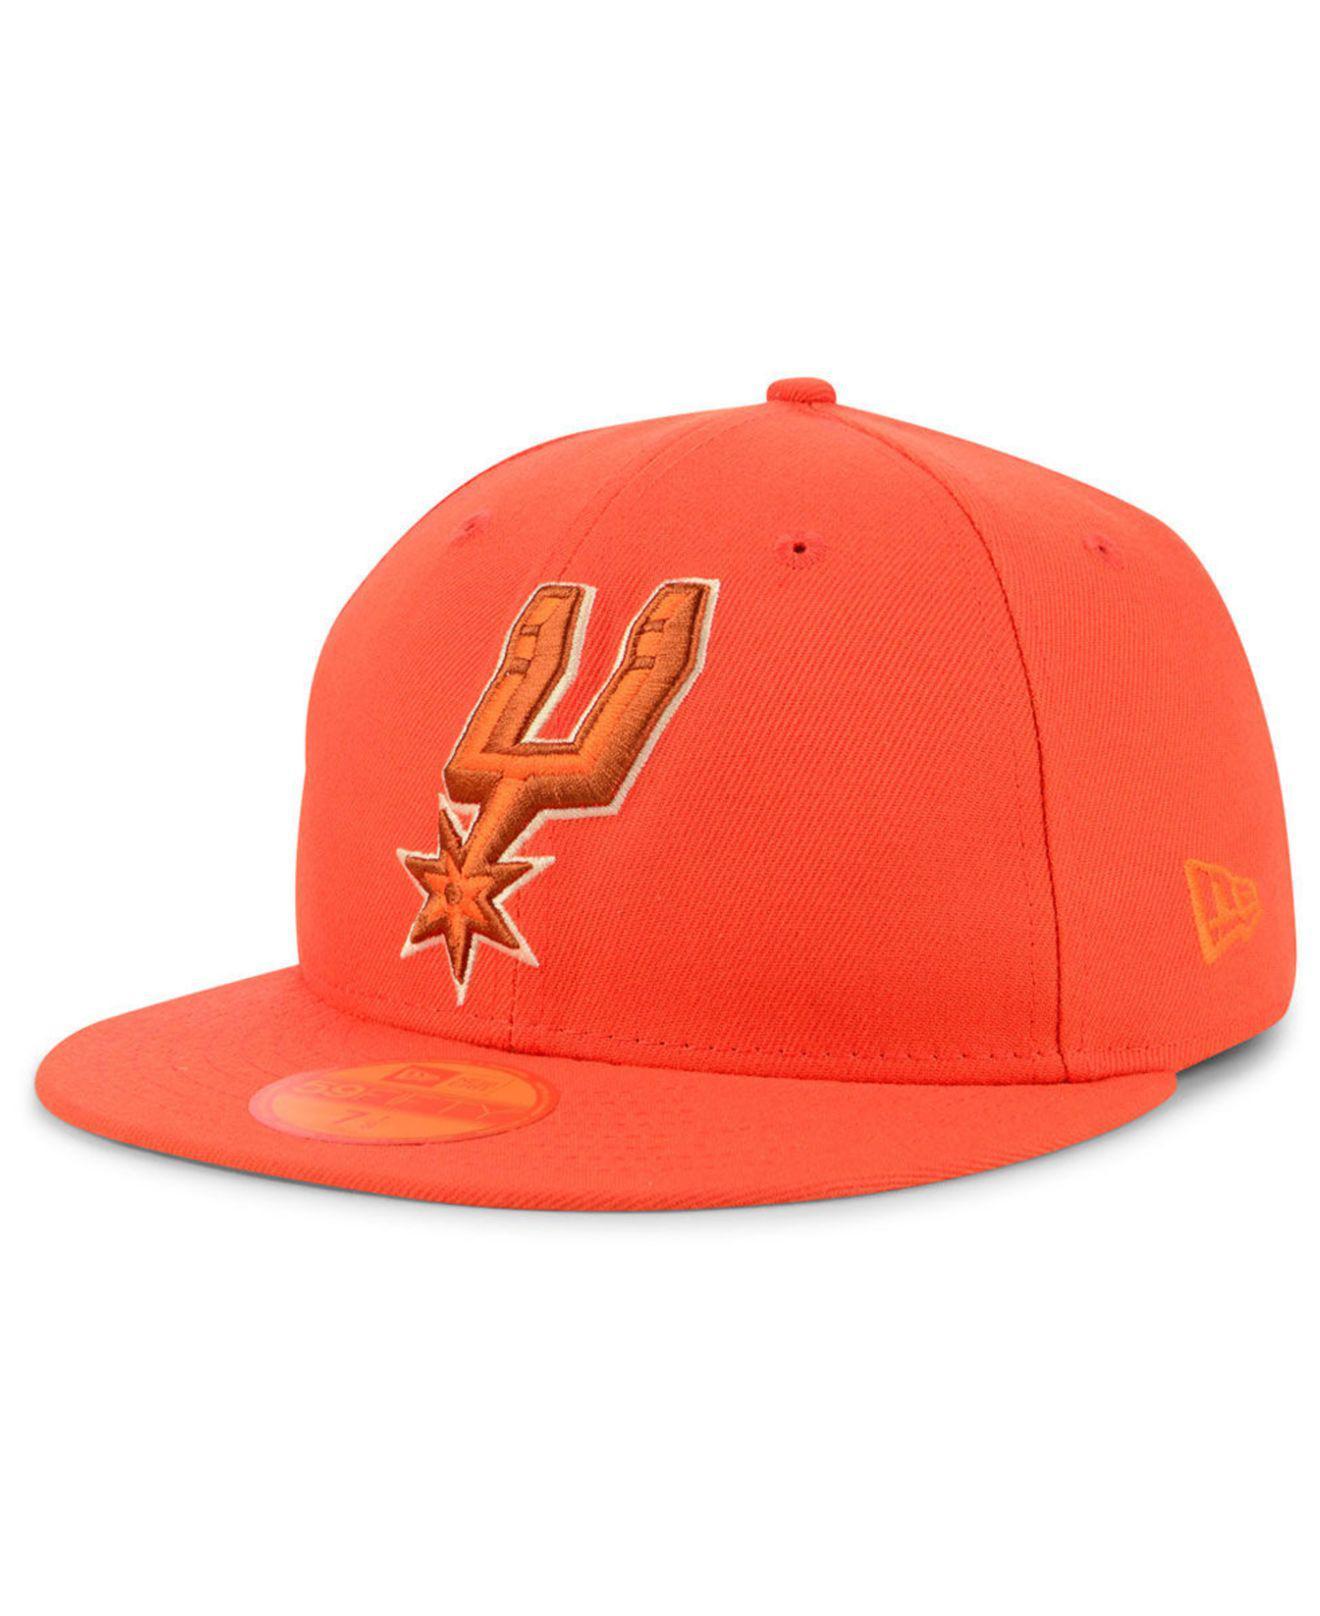 best loved df798 c7248 ... authentic ktz. mens orange san antonio spurs color prism pack 59fifty  fitted cap 271fa 0c7d3